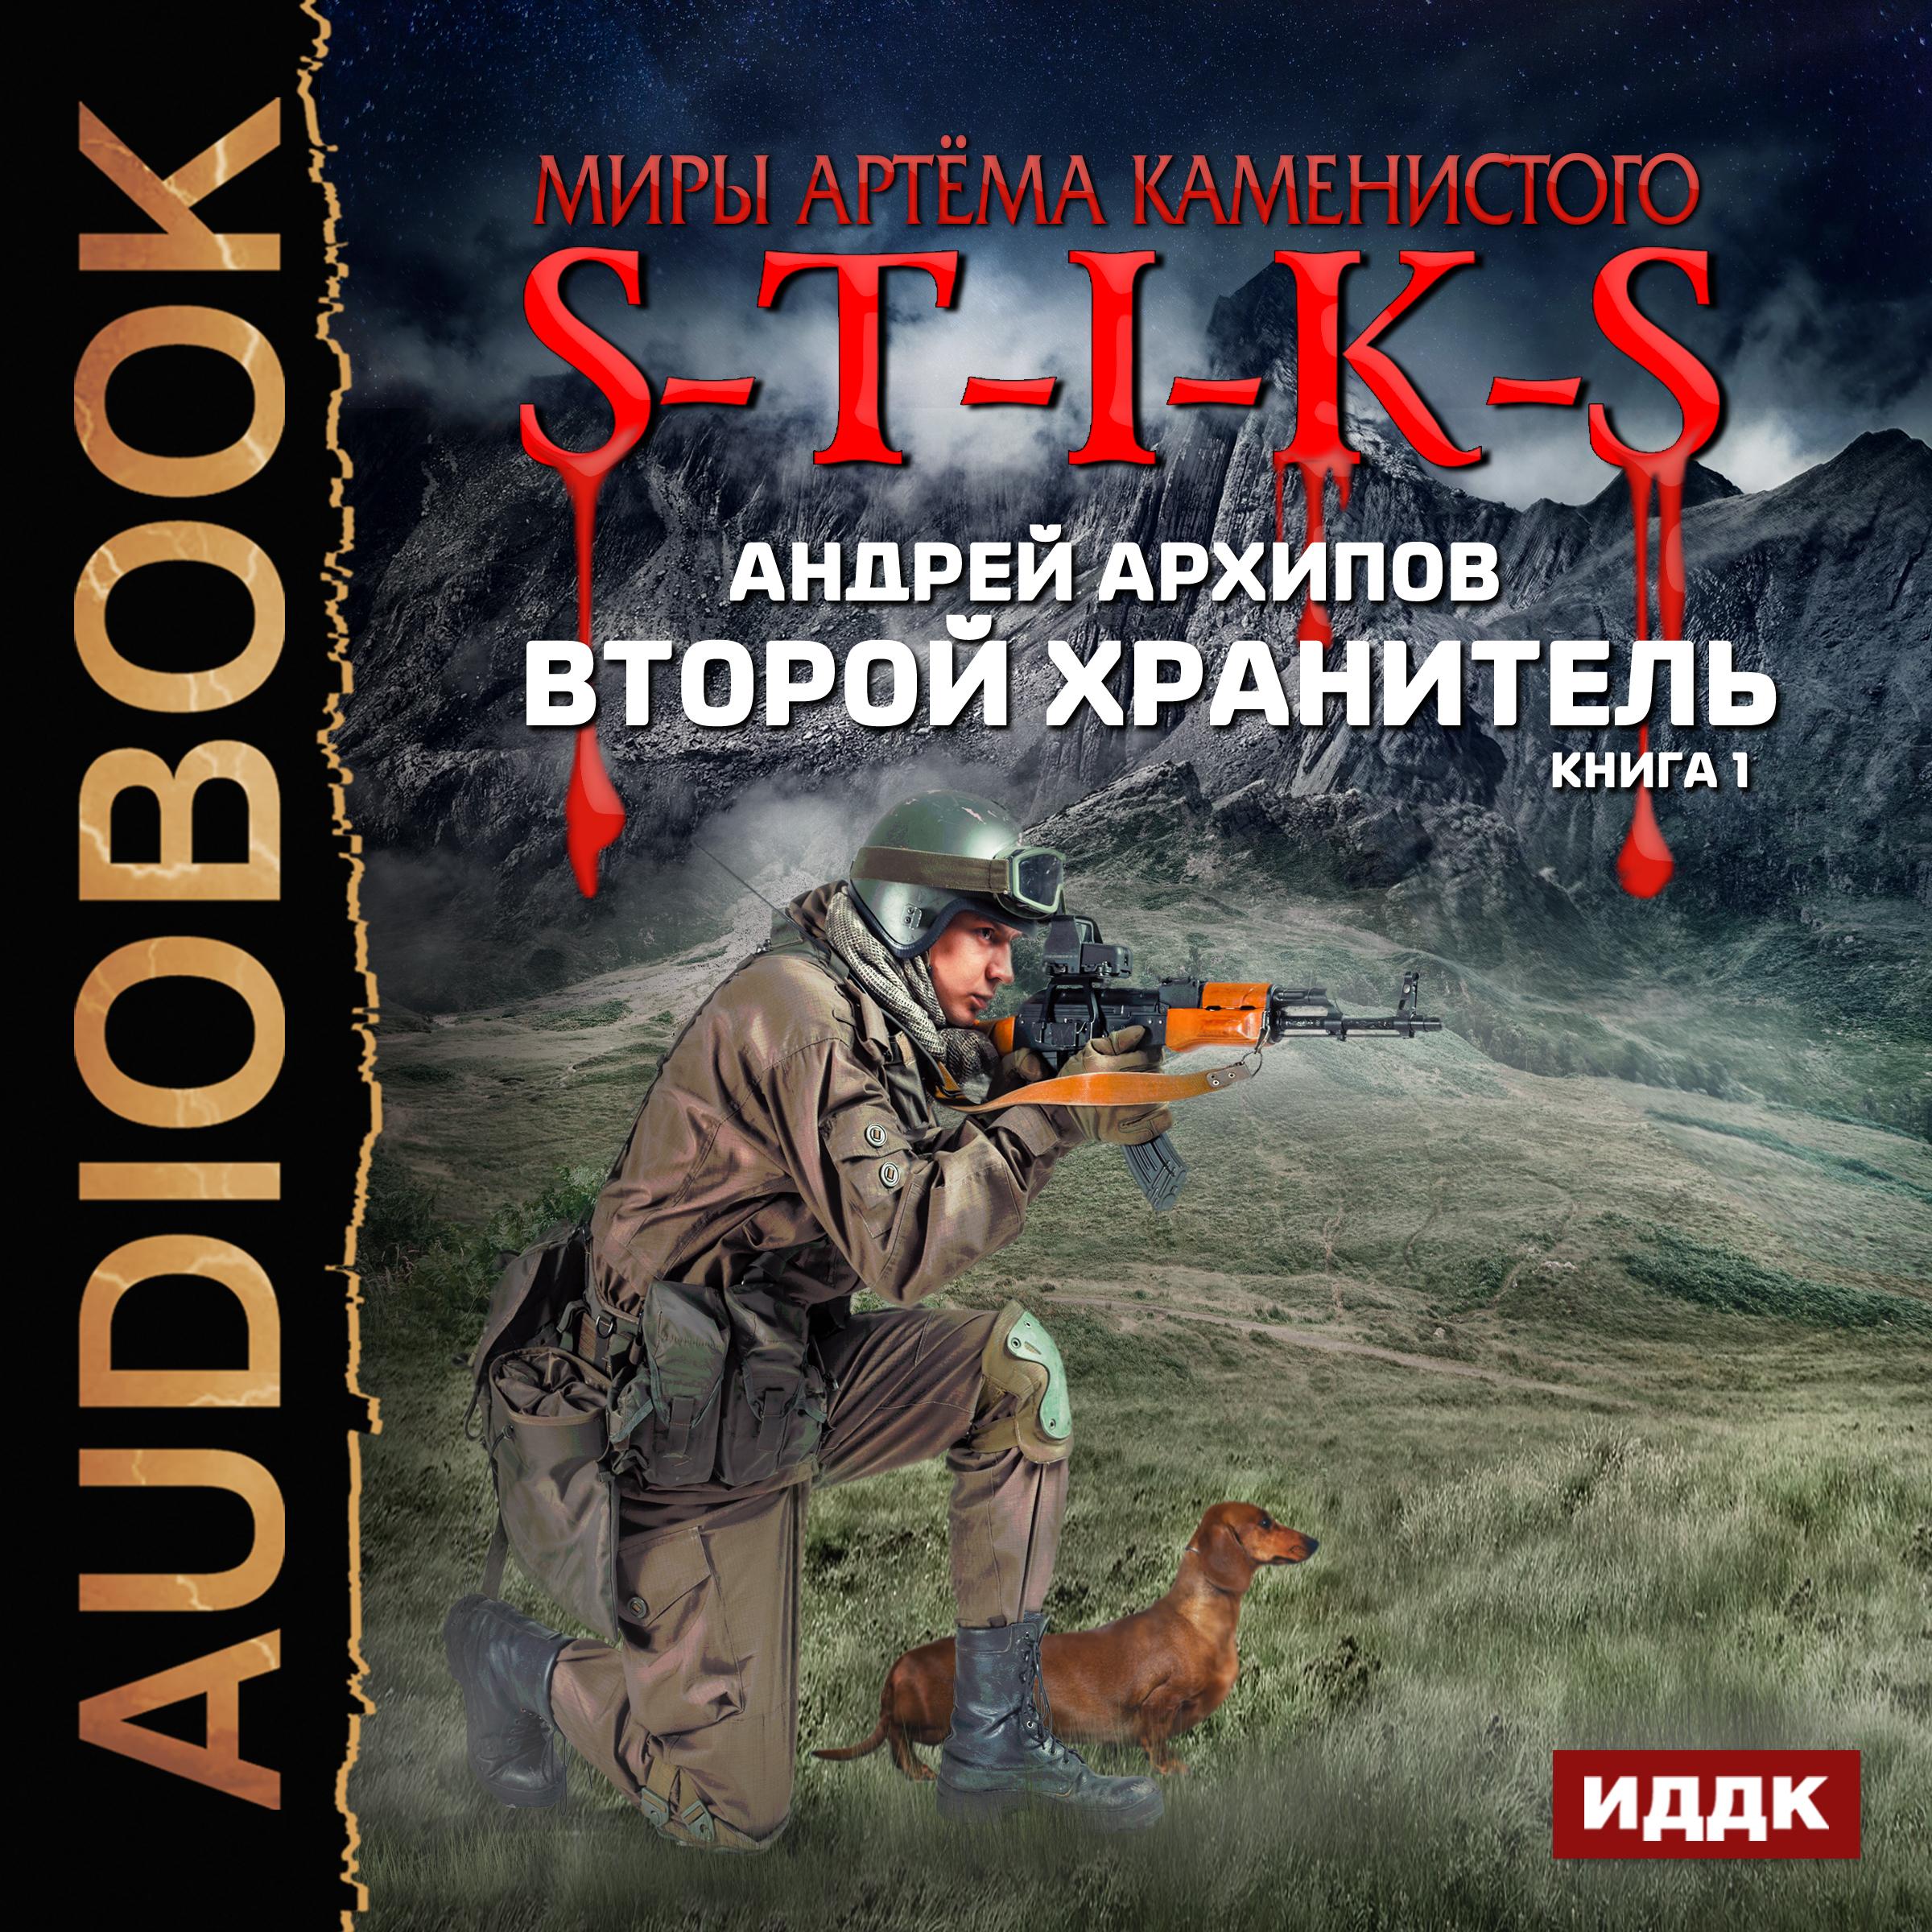 Андрей Архипов S-T-I-K-S. Второй Хранитель андрей архипов s t i k s второй хранитель